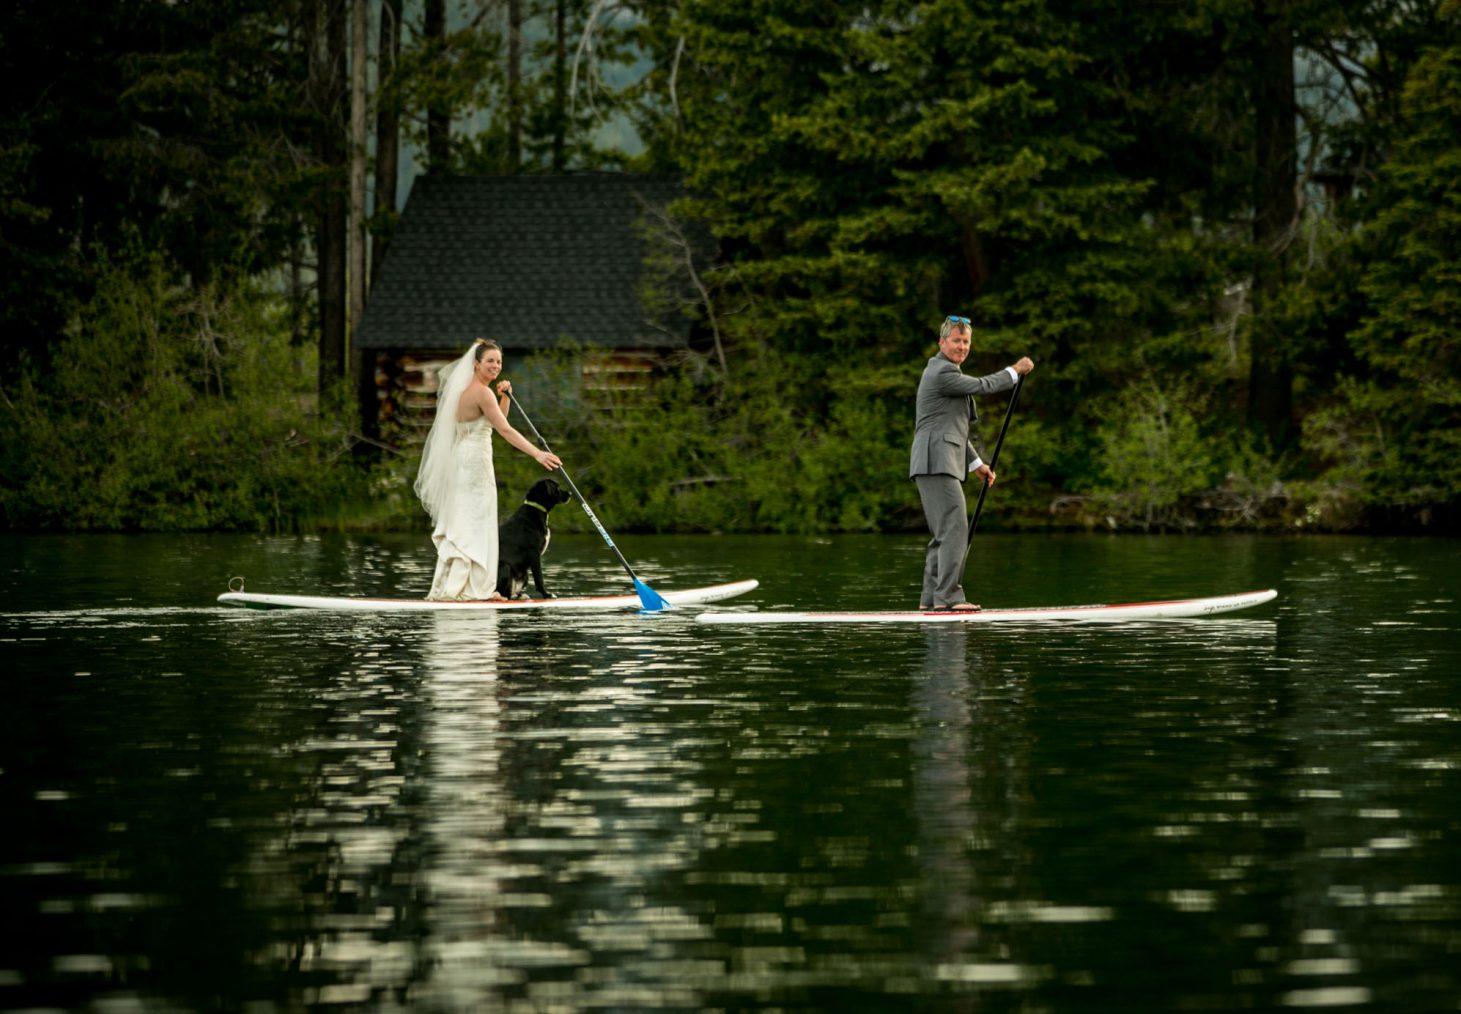 SUP wedding - Kathryn Cooper Weddings couple on SUP Idaho Sawtooth